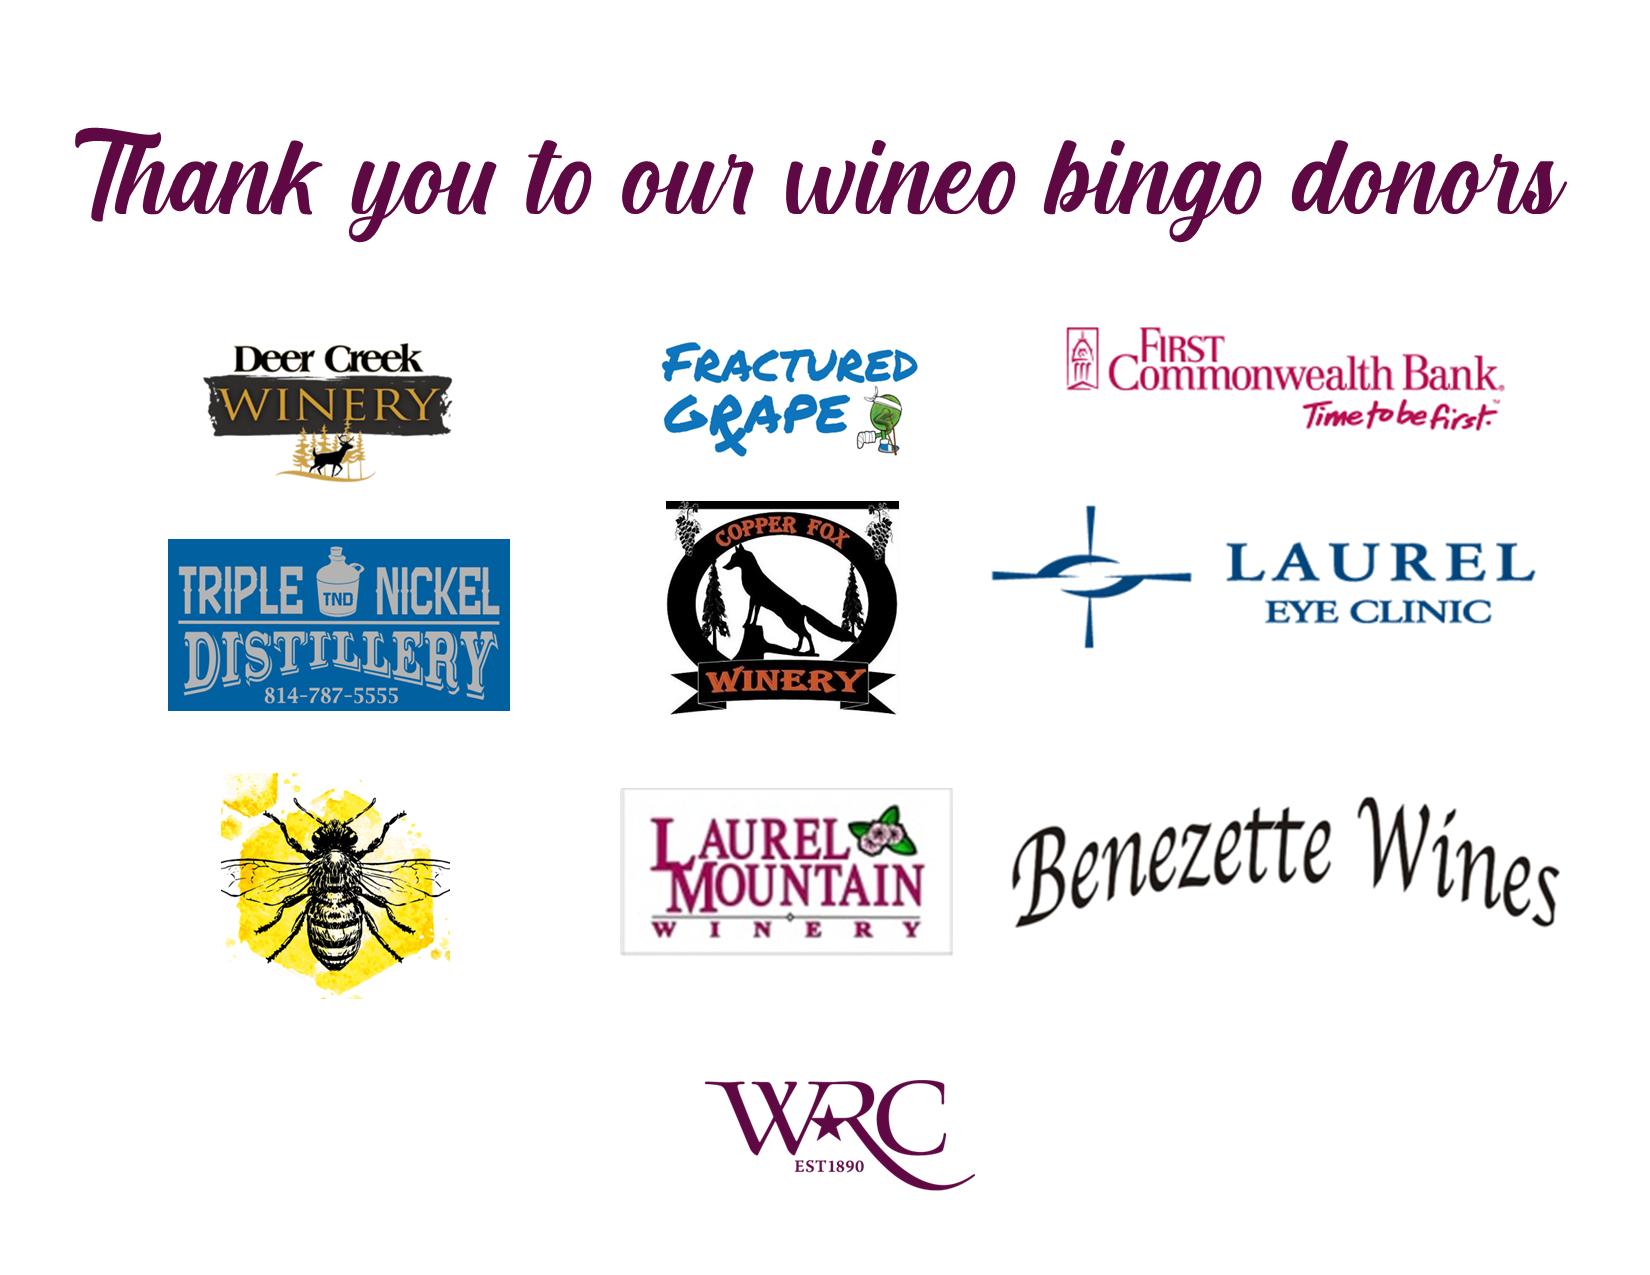 Wineo bingo donors